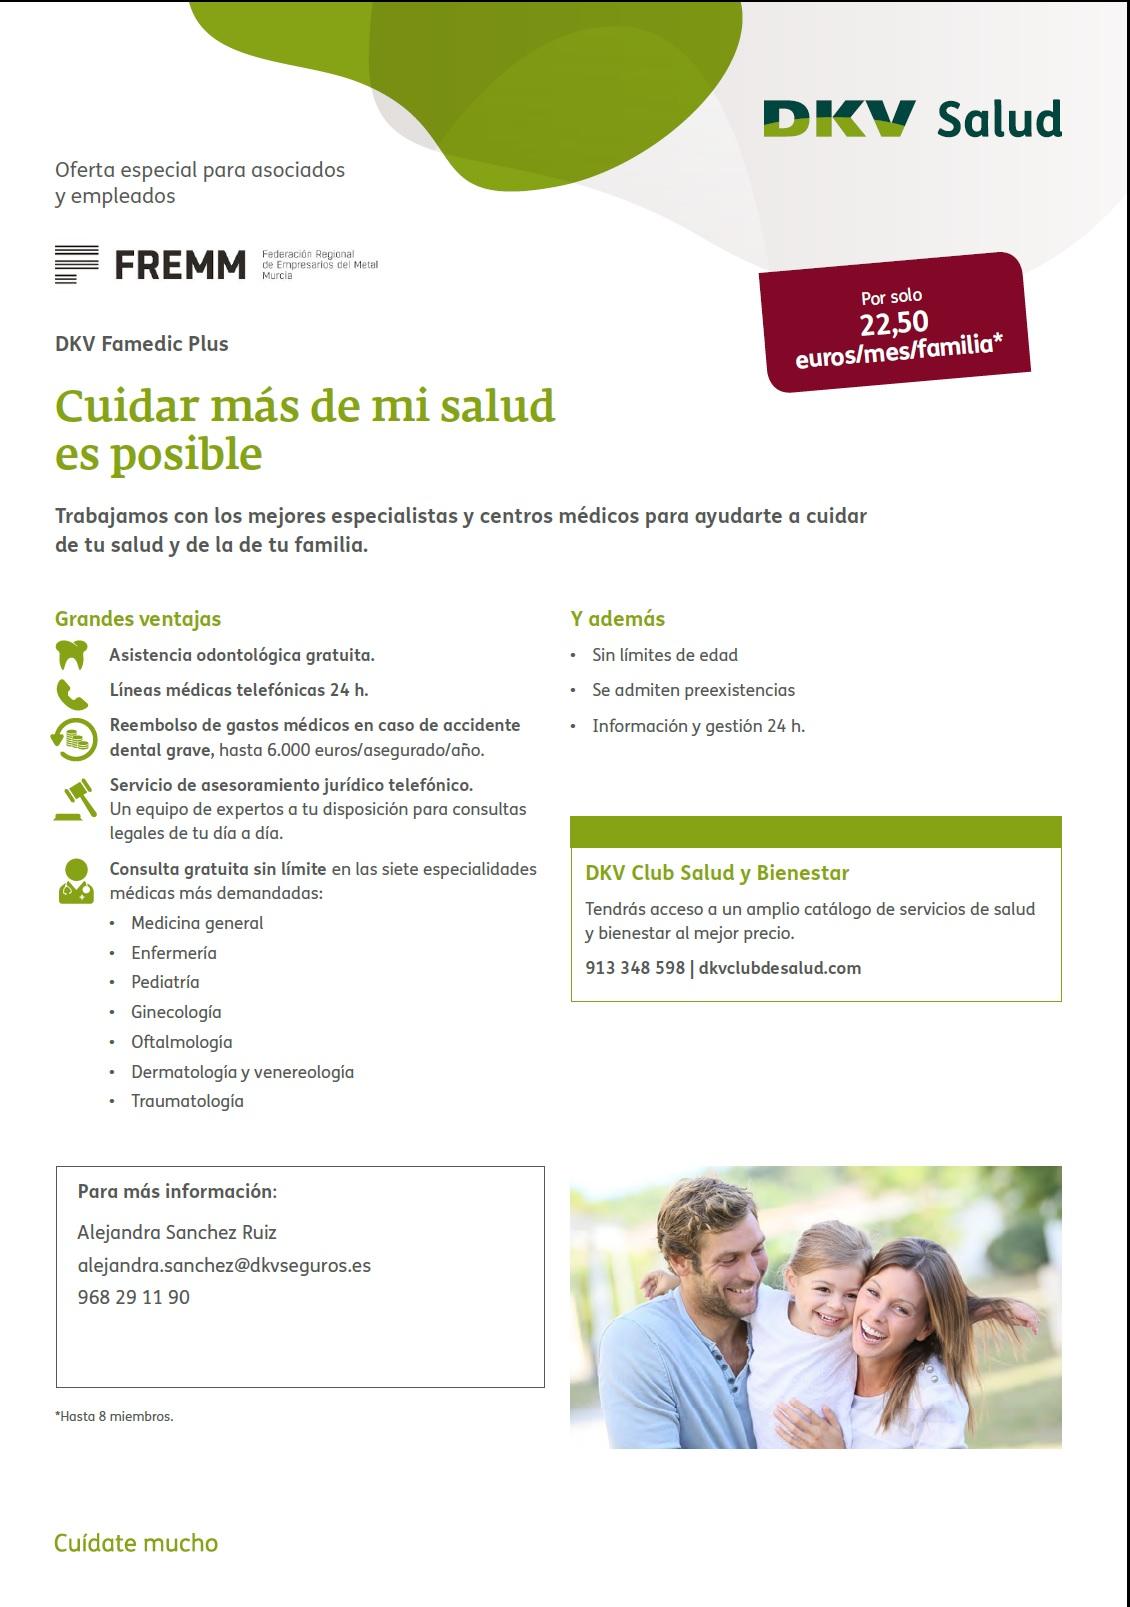 DKV Salud ofrece descuentos a las empresas asociadas a FREMM